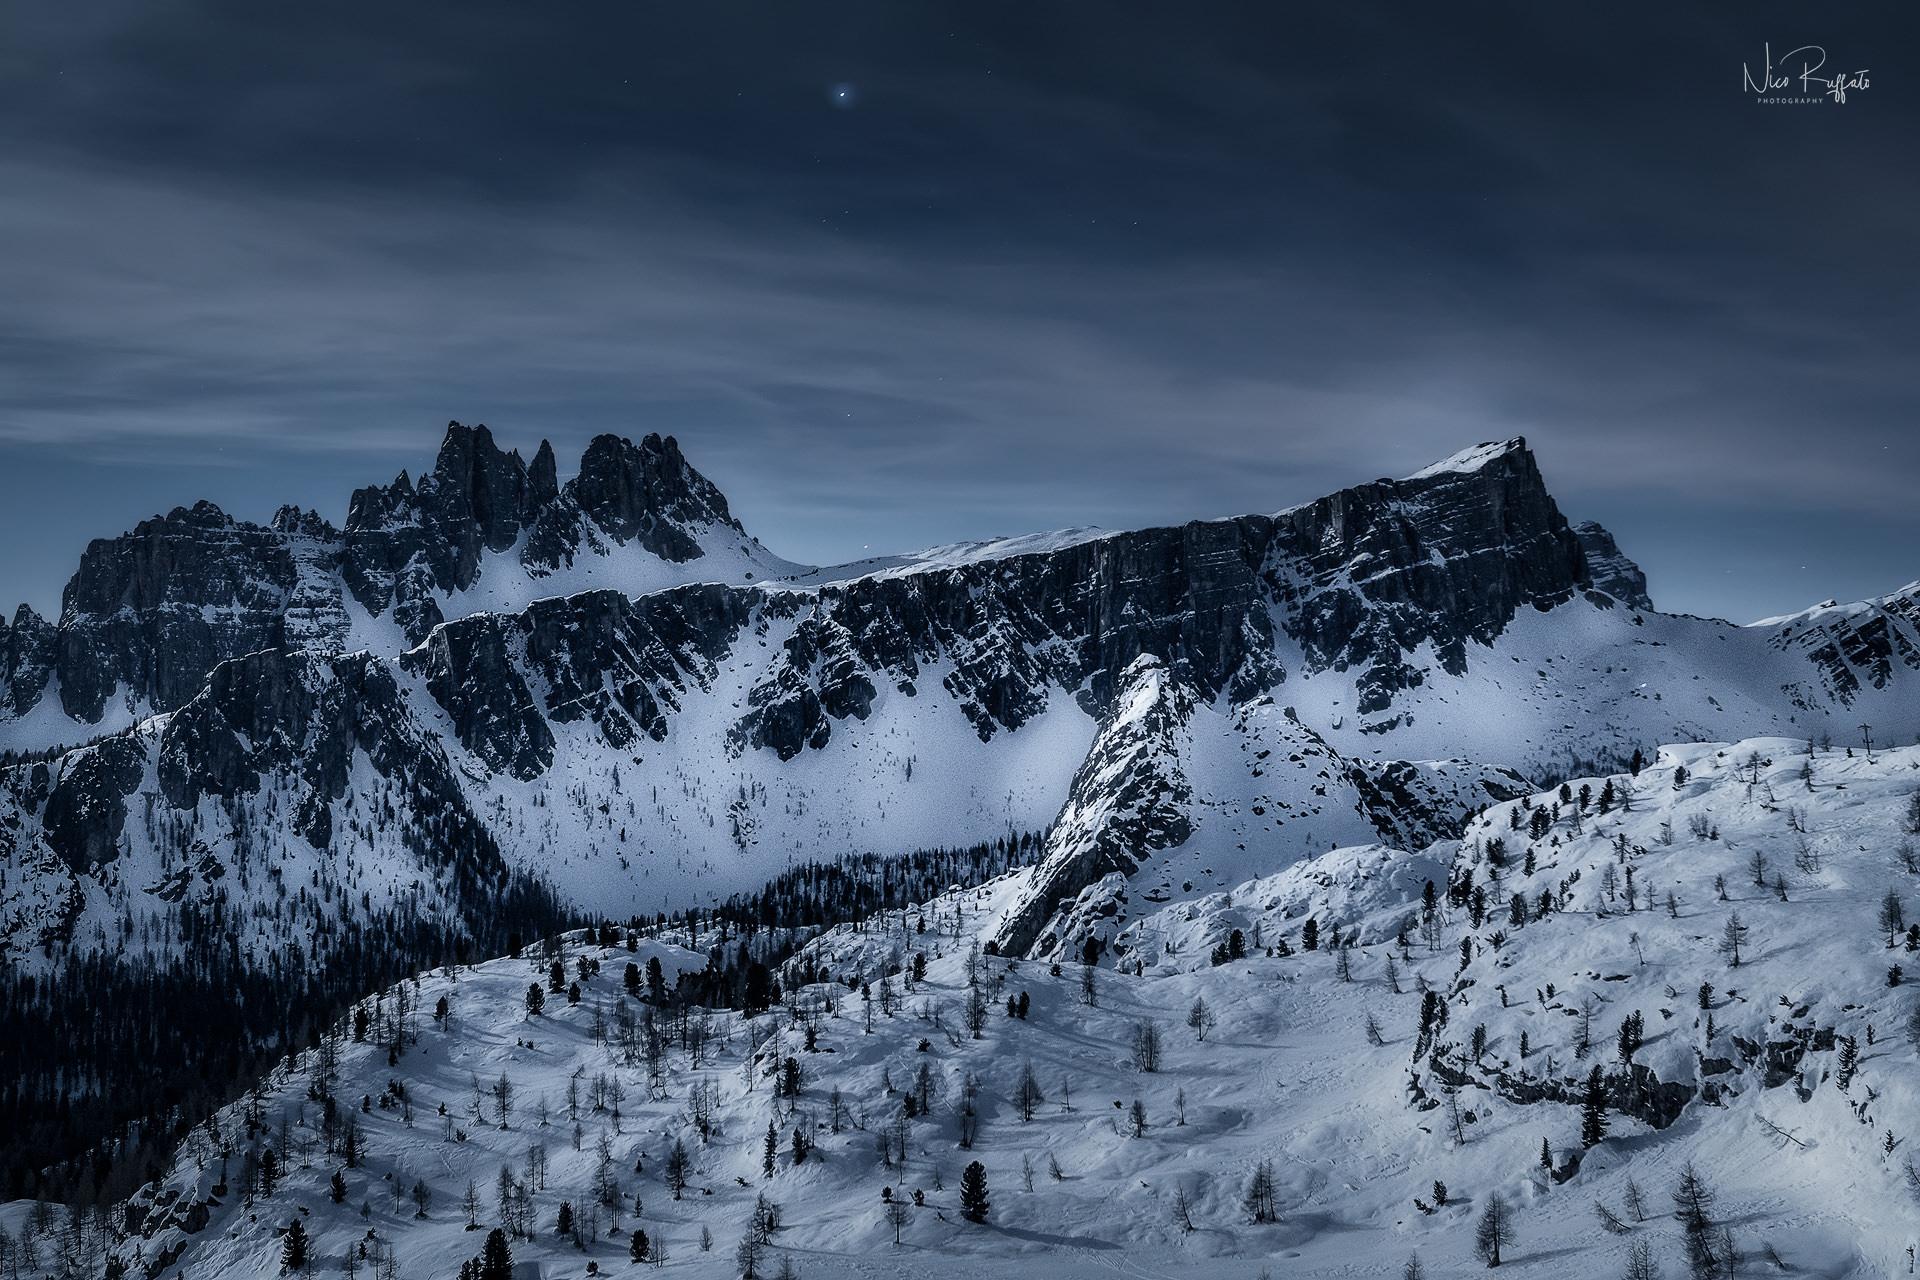 Categorie: Landscape & Nature; Photographer: NICO RUFFATO; Location: Cinque Torri, Cortina d'Ampezzo, BL